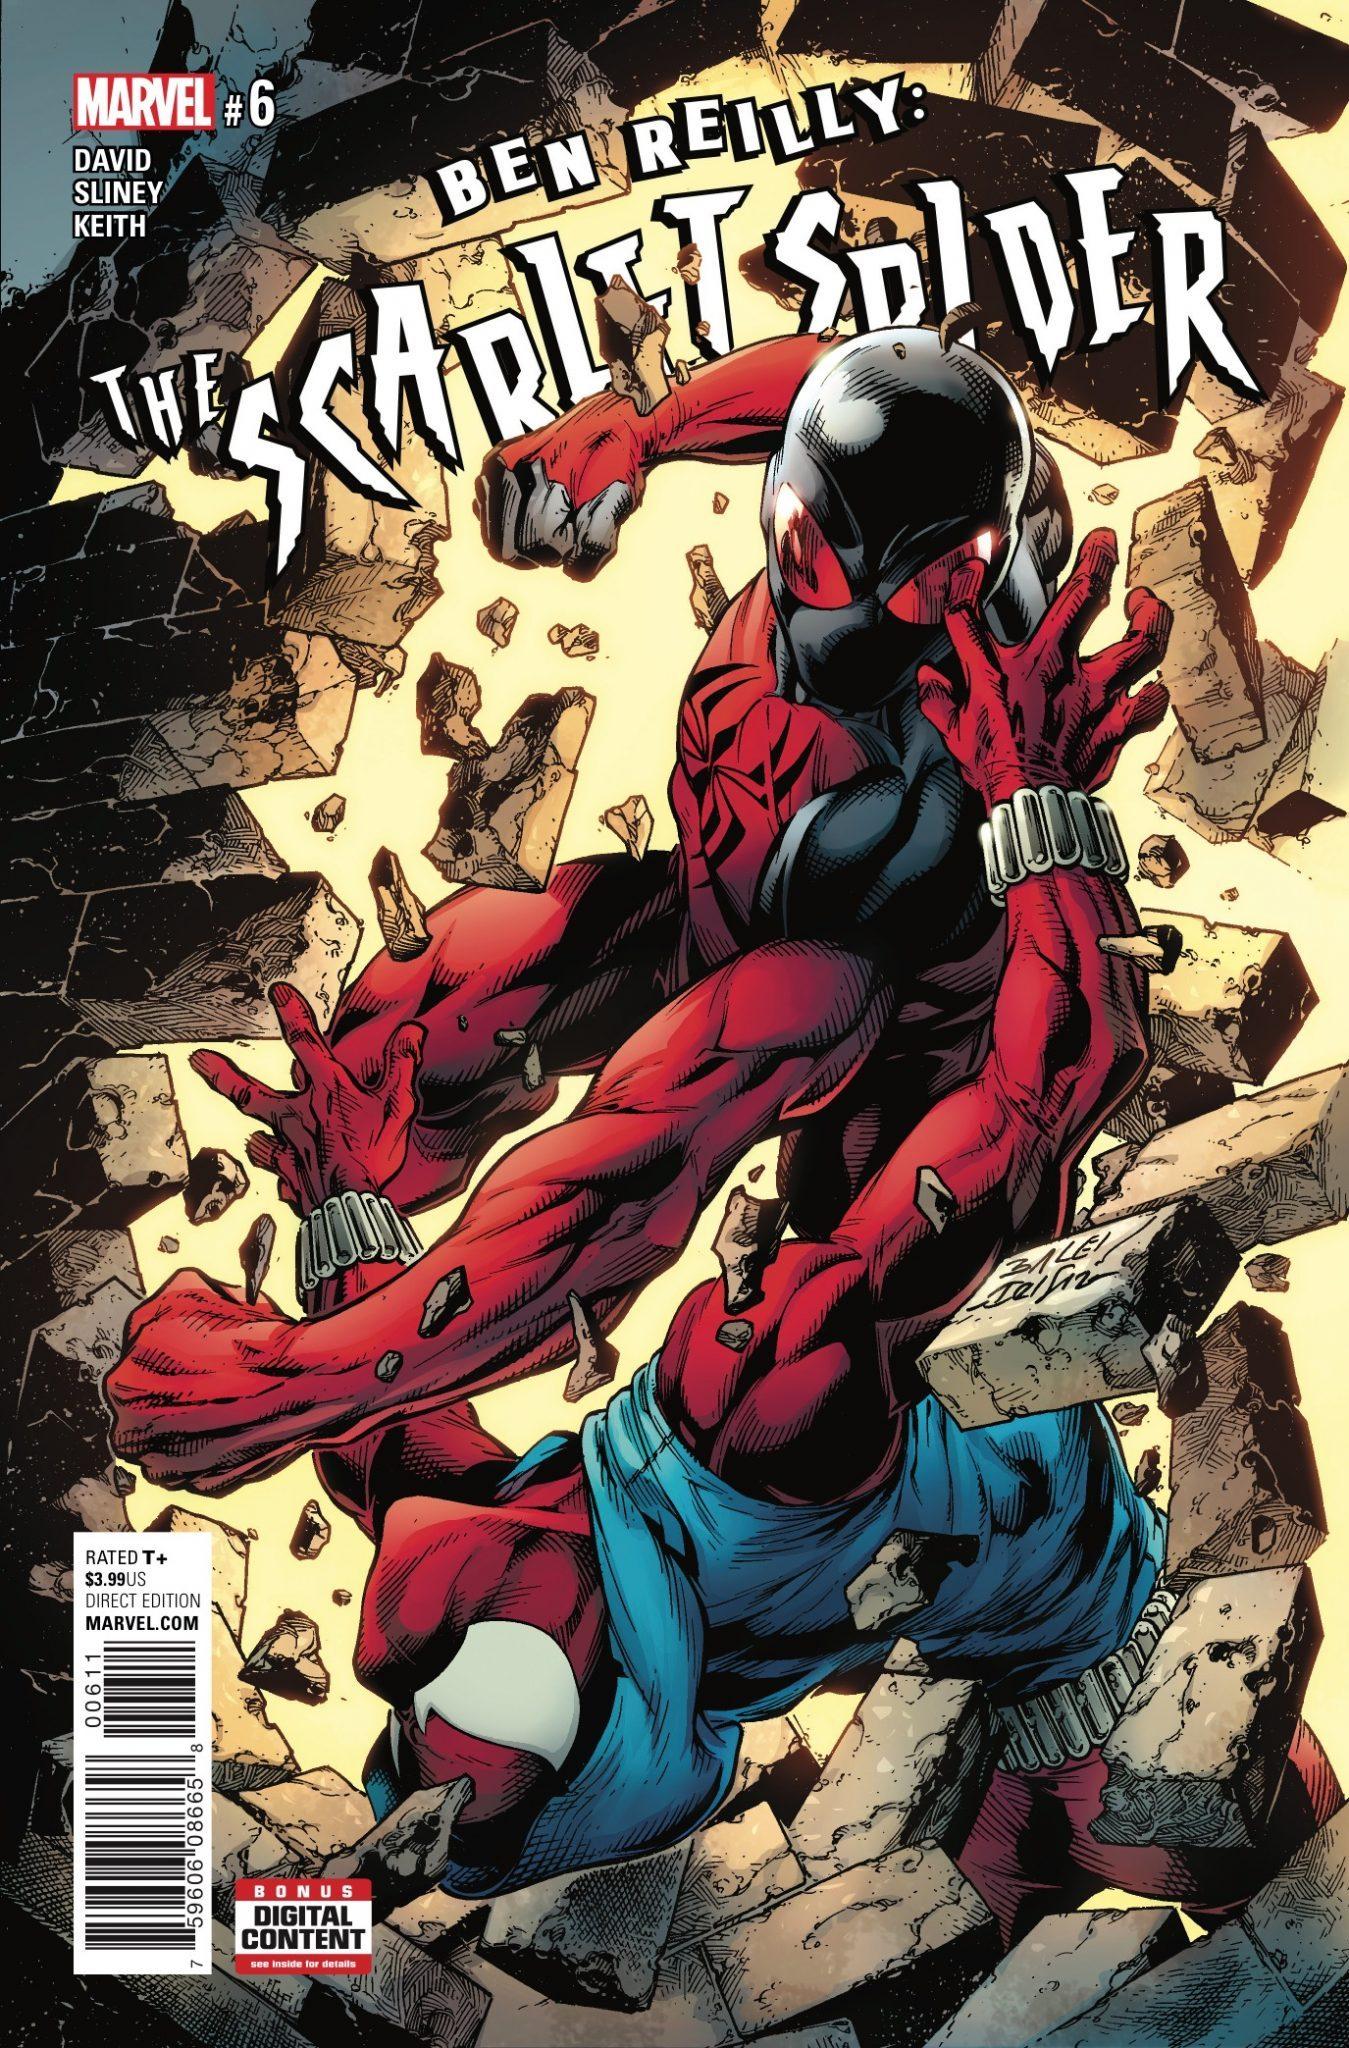 Ben Reilly: Scarlet Spider Vol 1 6